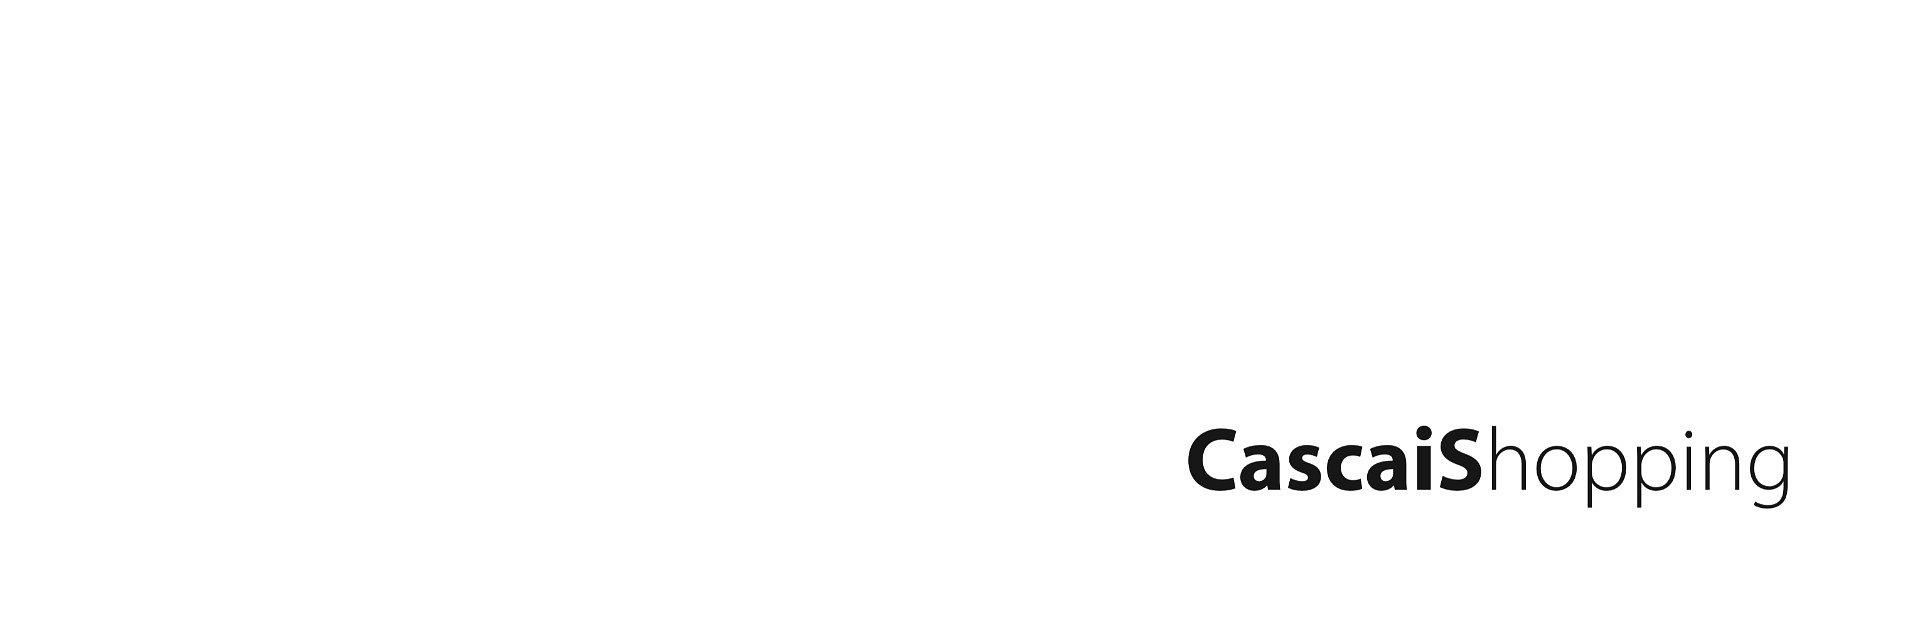 CascaiShopping acolhe campanha de sensibilização sobre violência doméstica